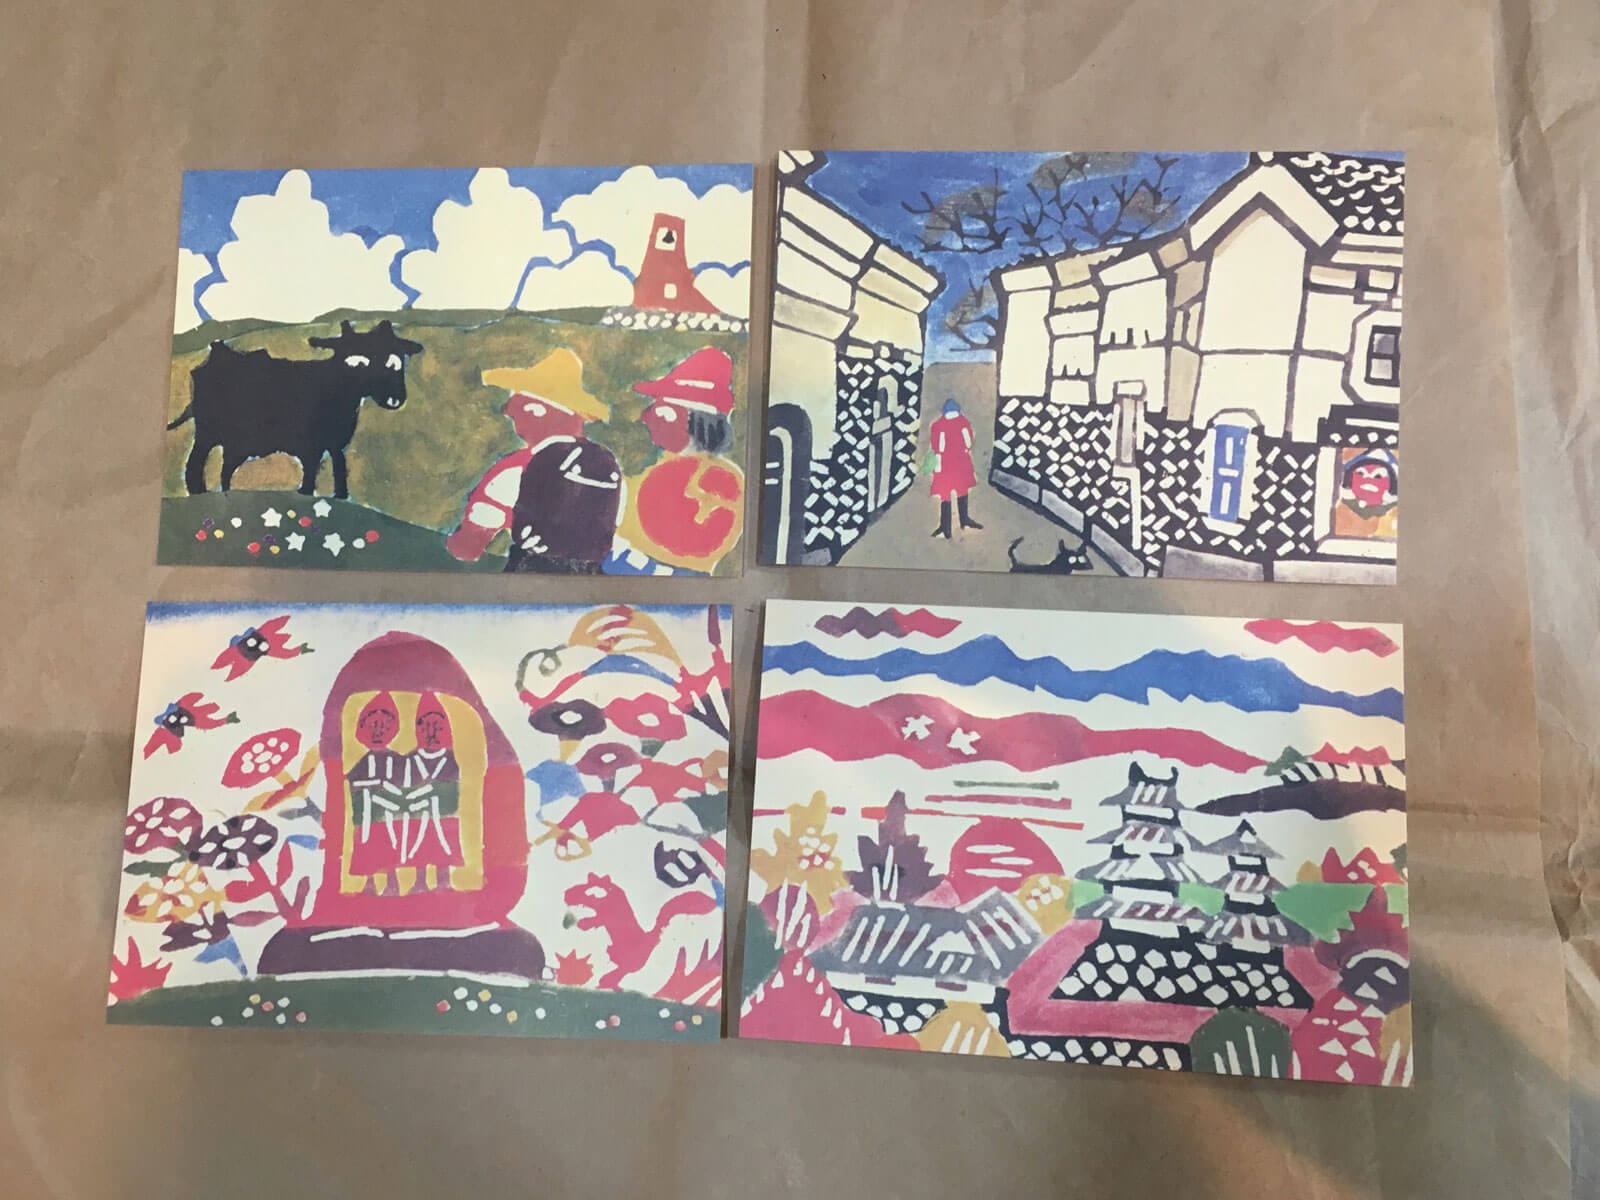 柚木先生のポストカード